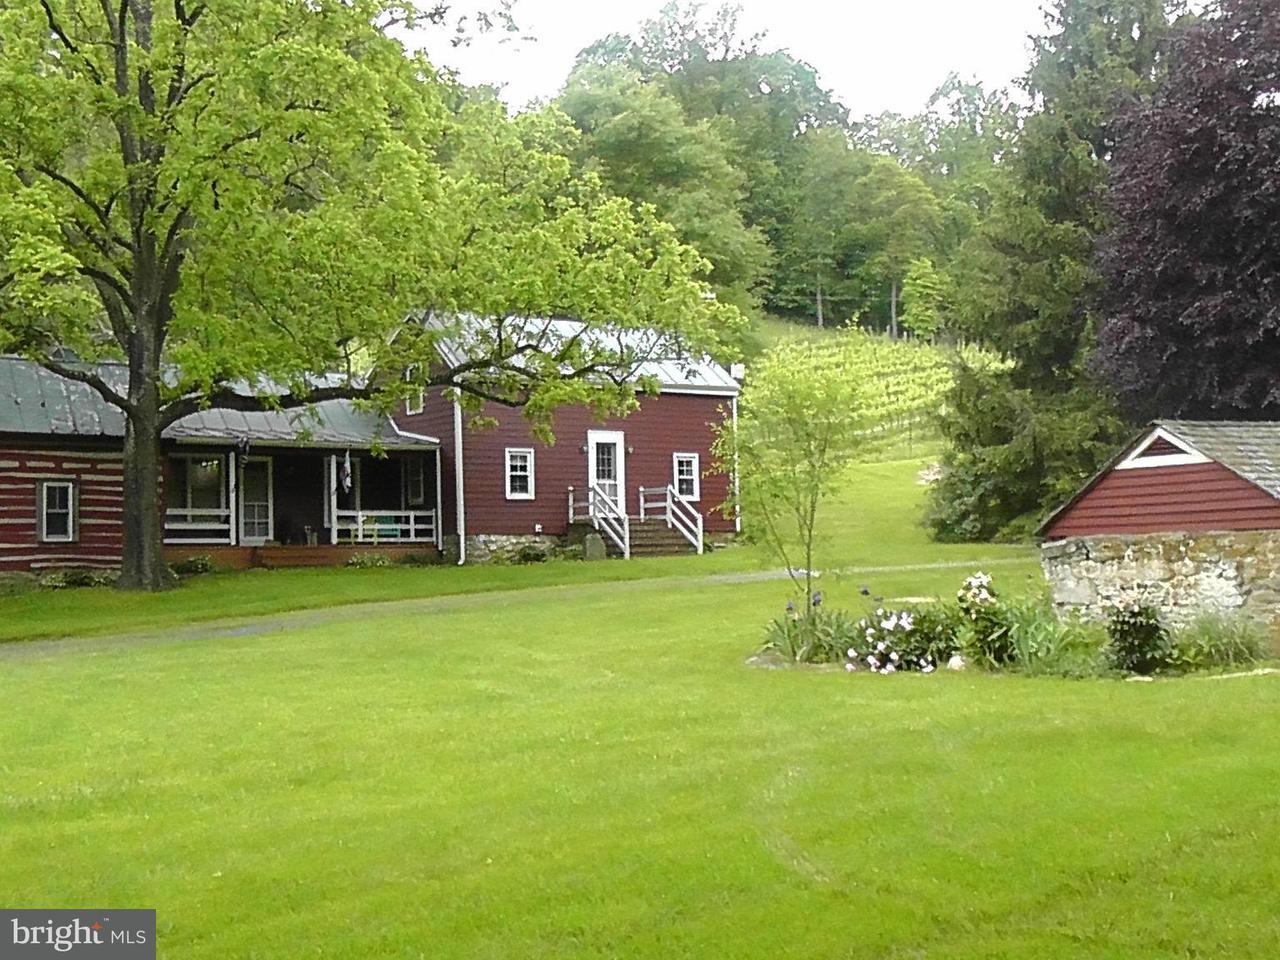 Fazenda / Quinta para Venda às 423 Ben Venue Road 423 Ben Venue Road Flint Hill, Virginia 22627 Estados Unidos